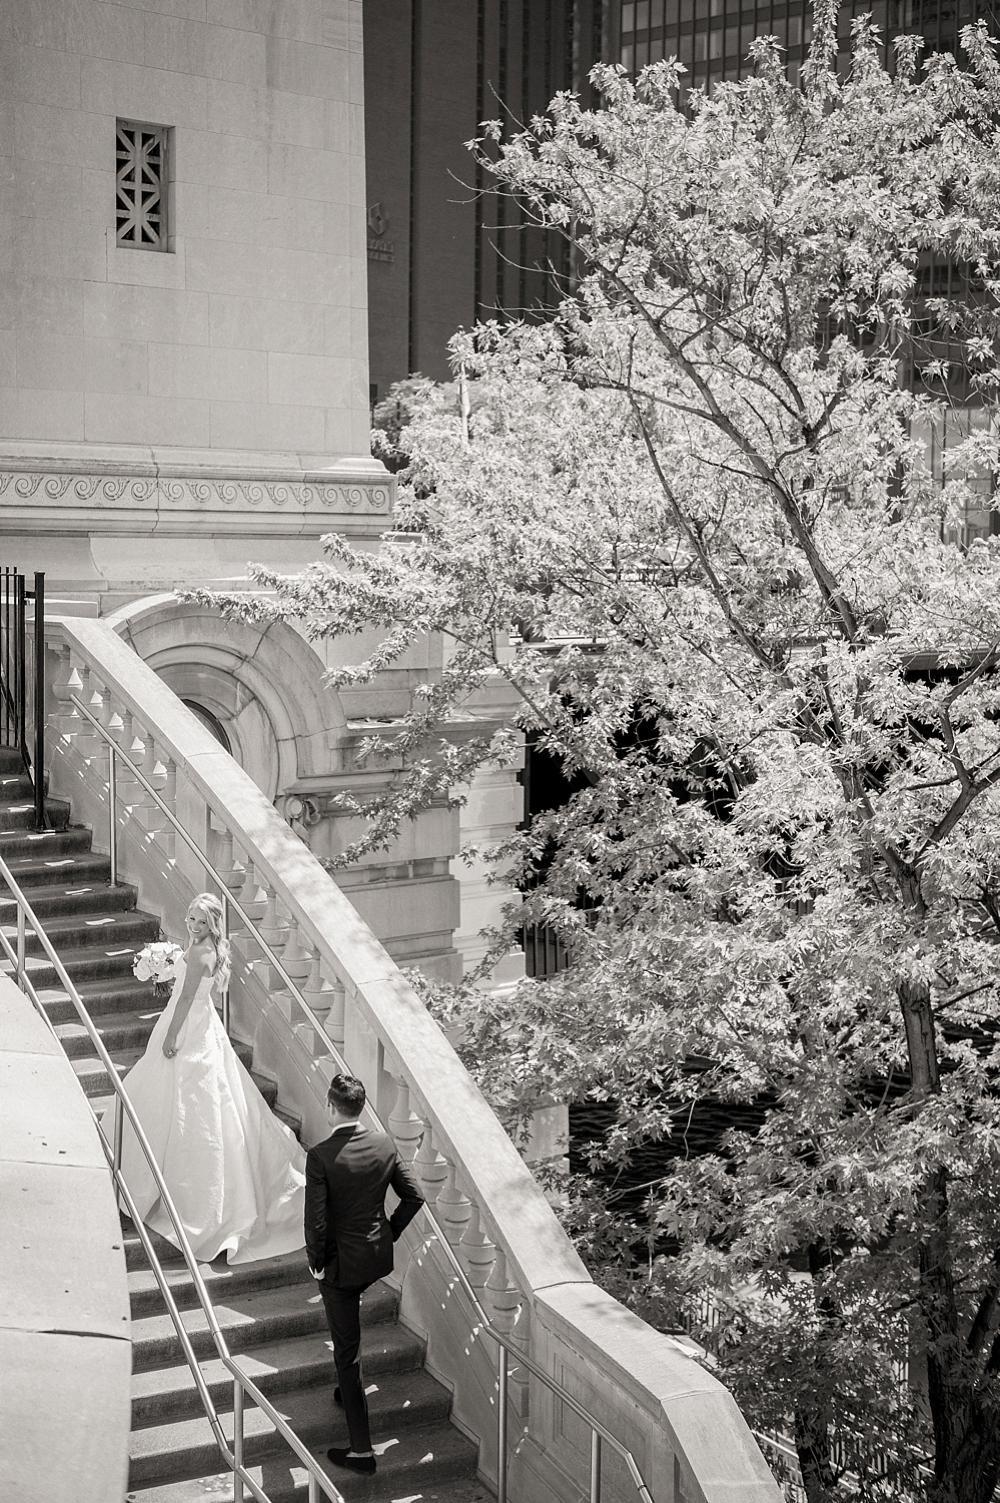 kristin-la-voie-photography-Chicago-Botanic-Garden-Wedding-8-29-21-113